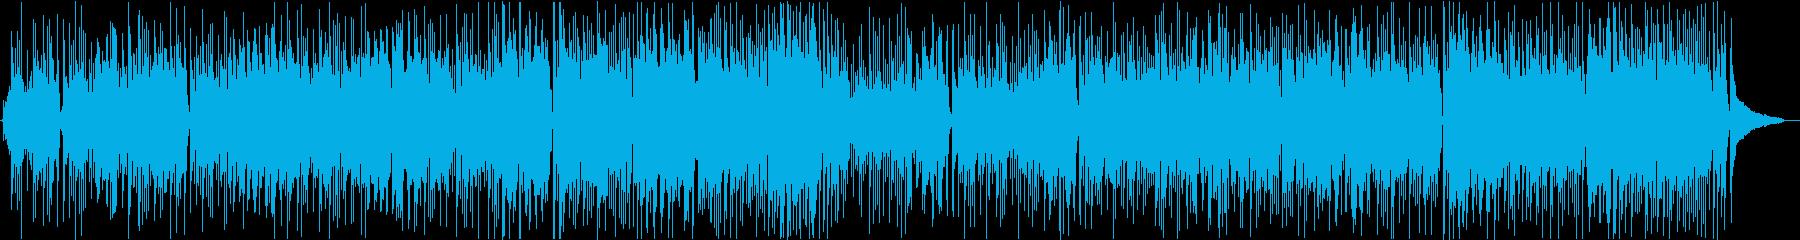 ほのぼの ボサノバ調の日常シーン向けの再生済みの波形